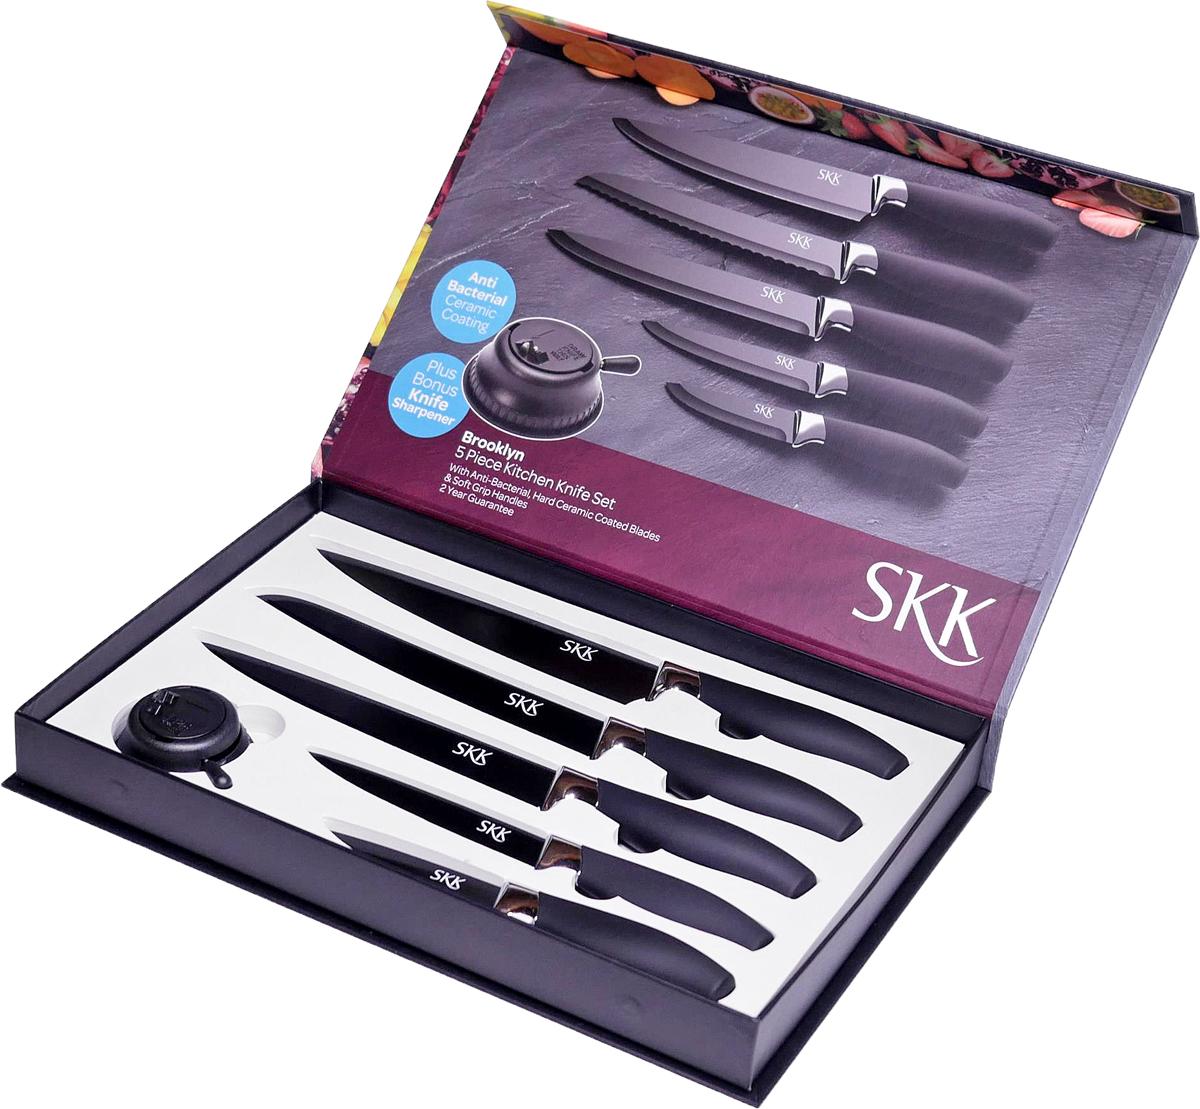 Набор кухонных ножей SKK Line Brooklyn, 5 предметов набор кухонных ножей из японской нержавеющей стали